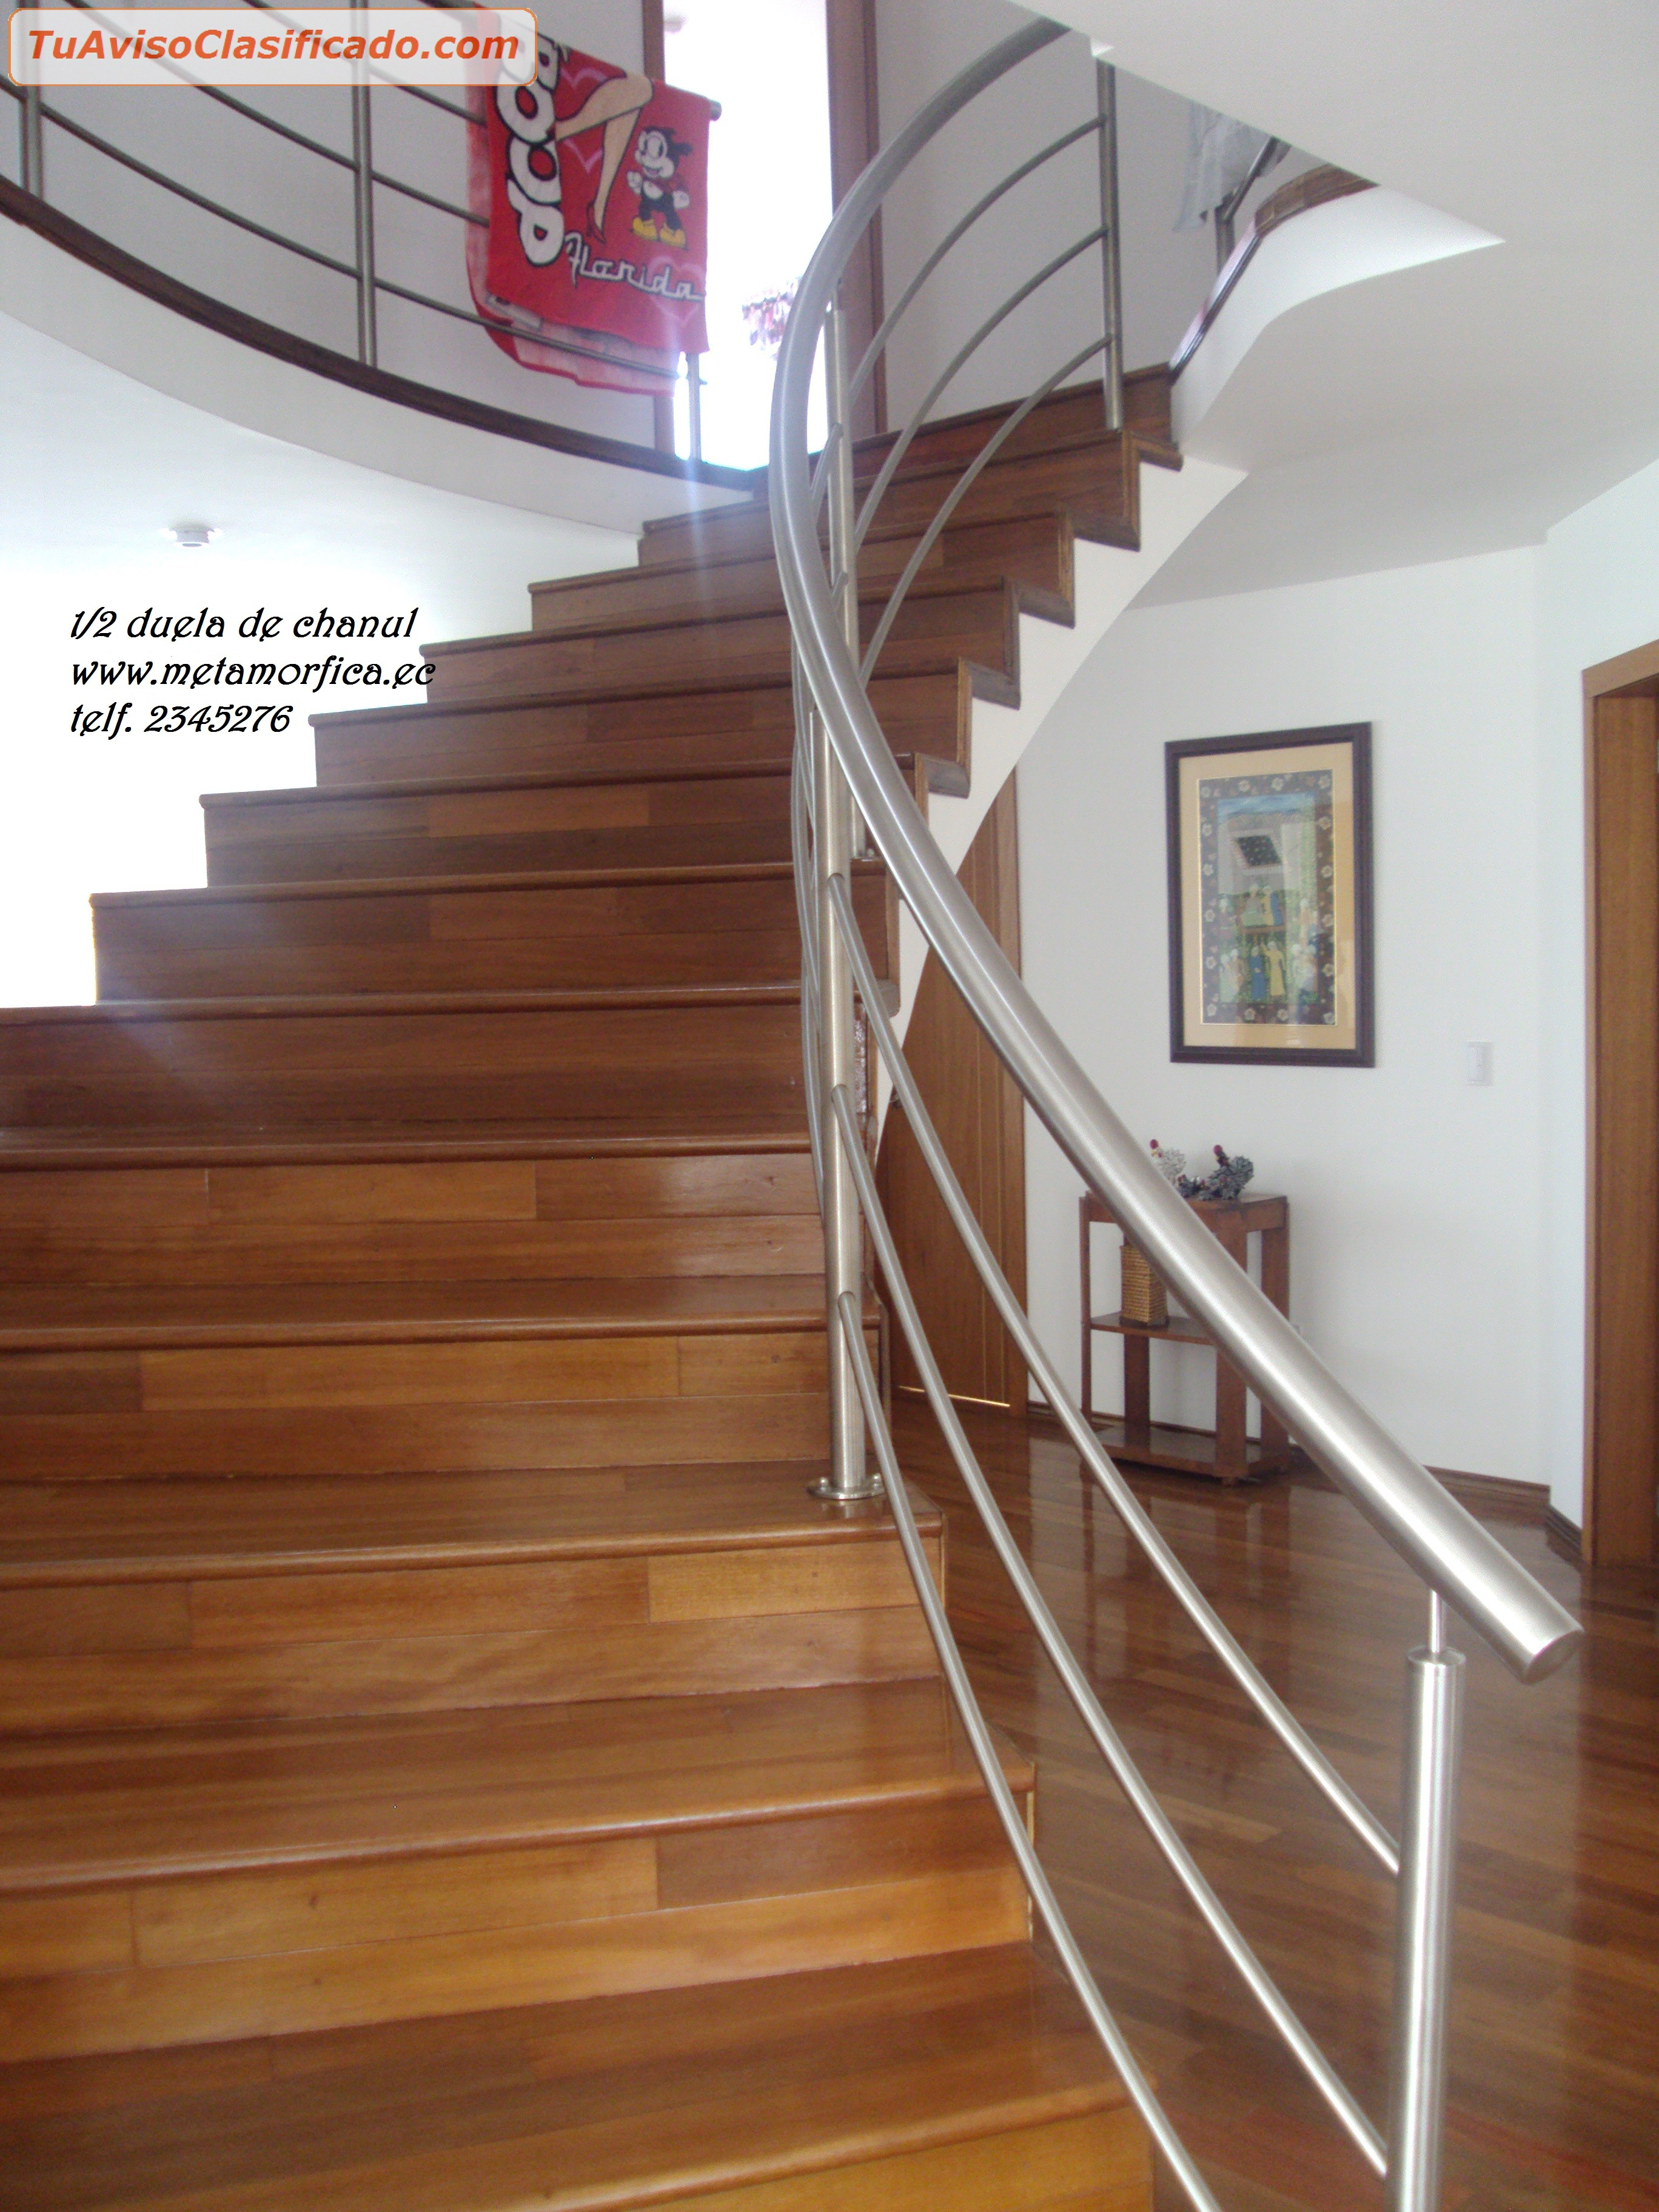 Marmoles maderas y granitos mobiliario y equipamiento - Marmoles y granitos precios ...